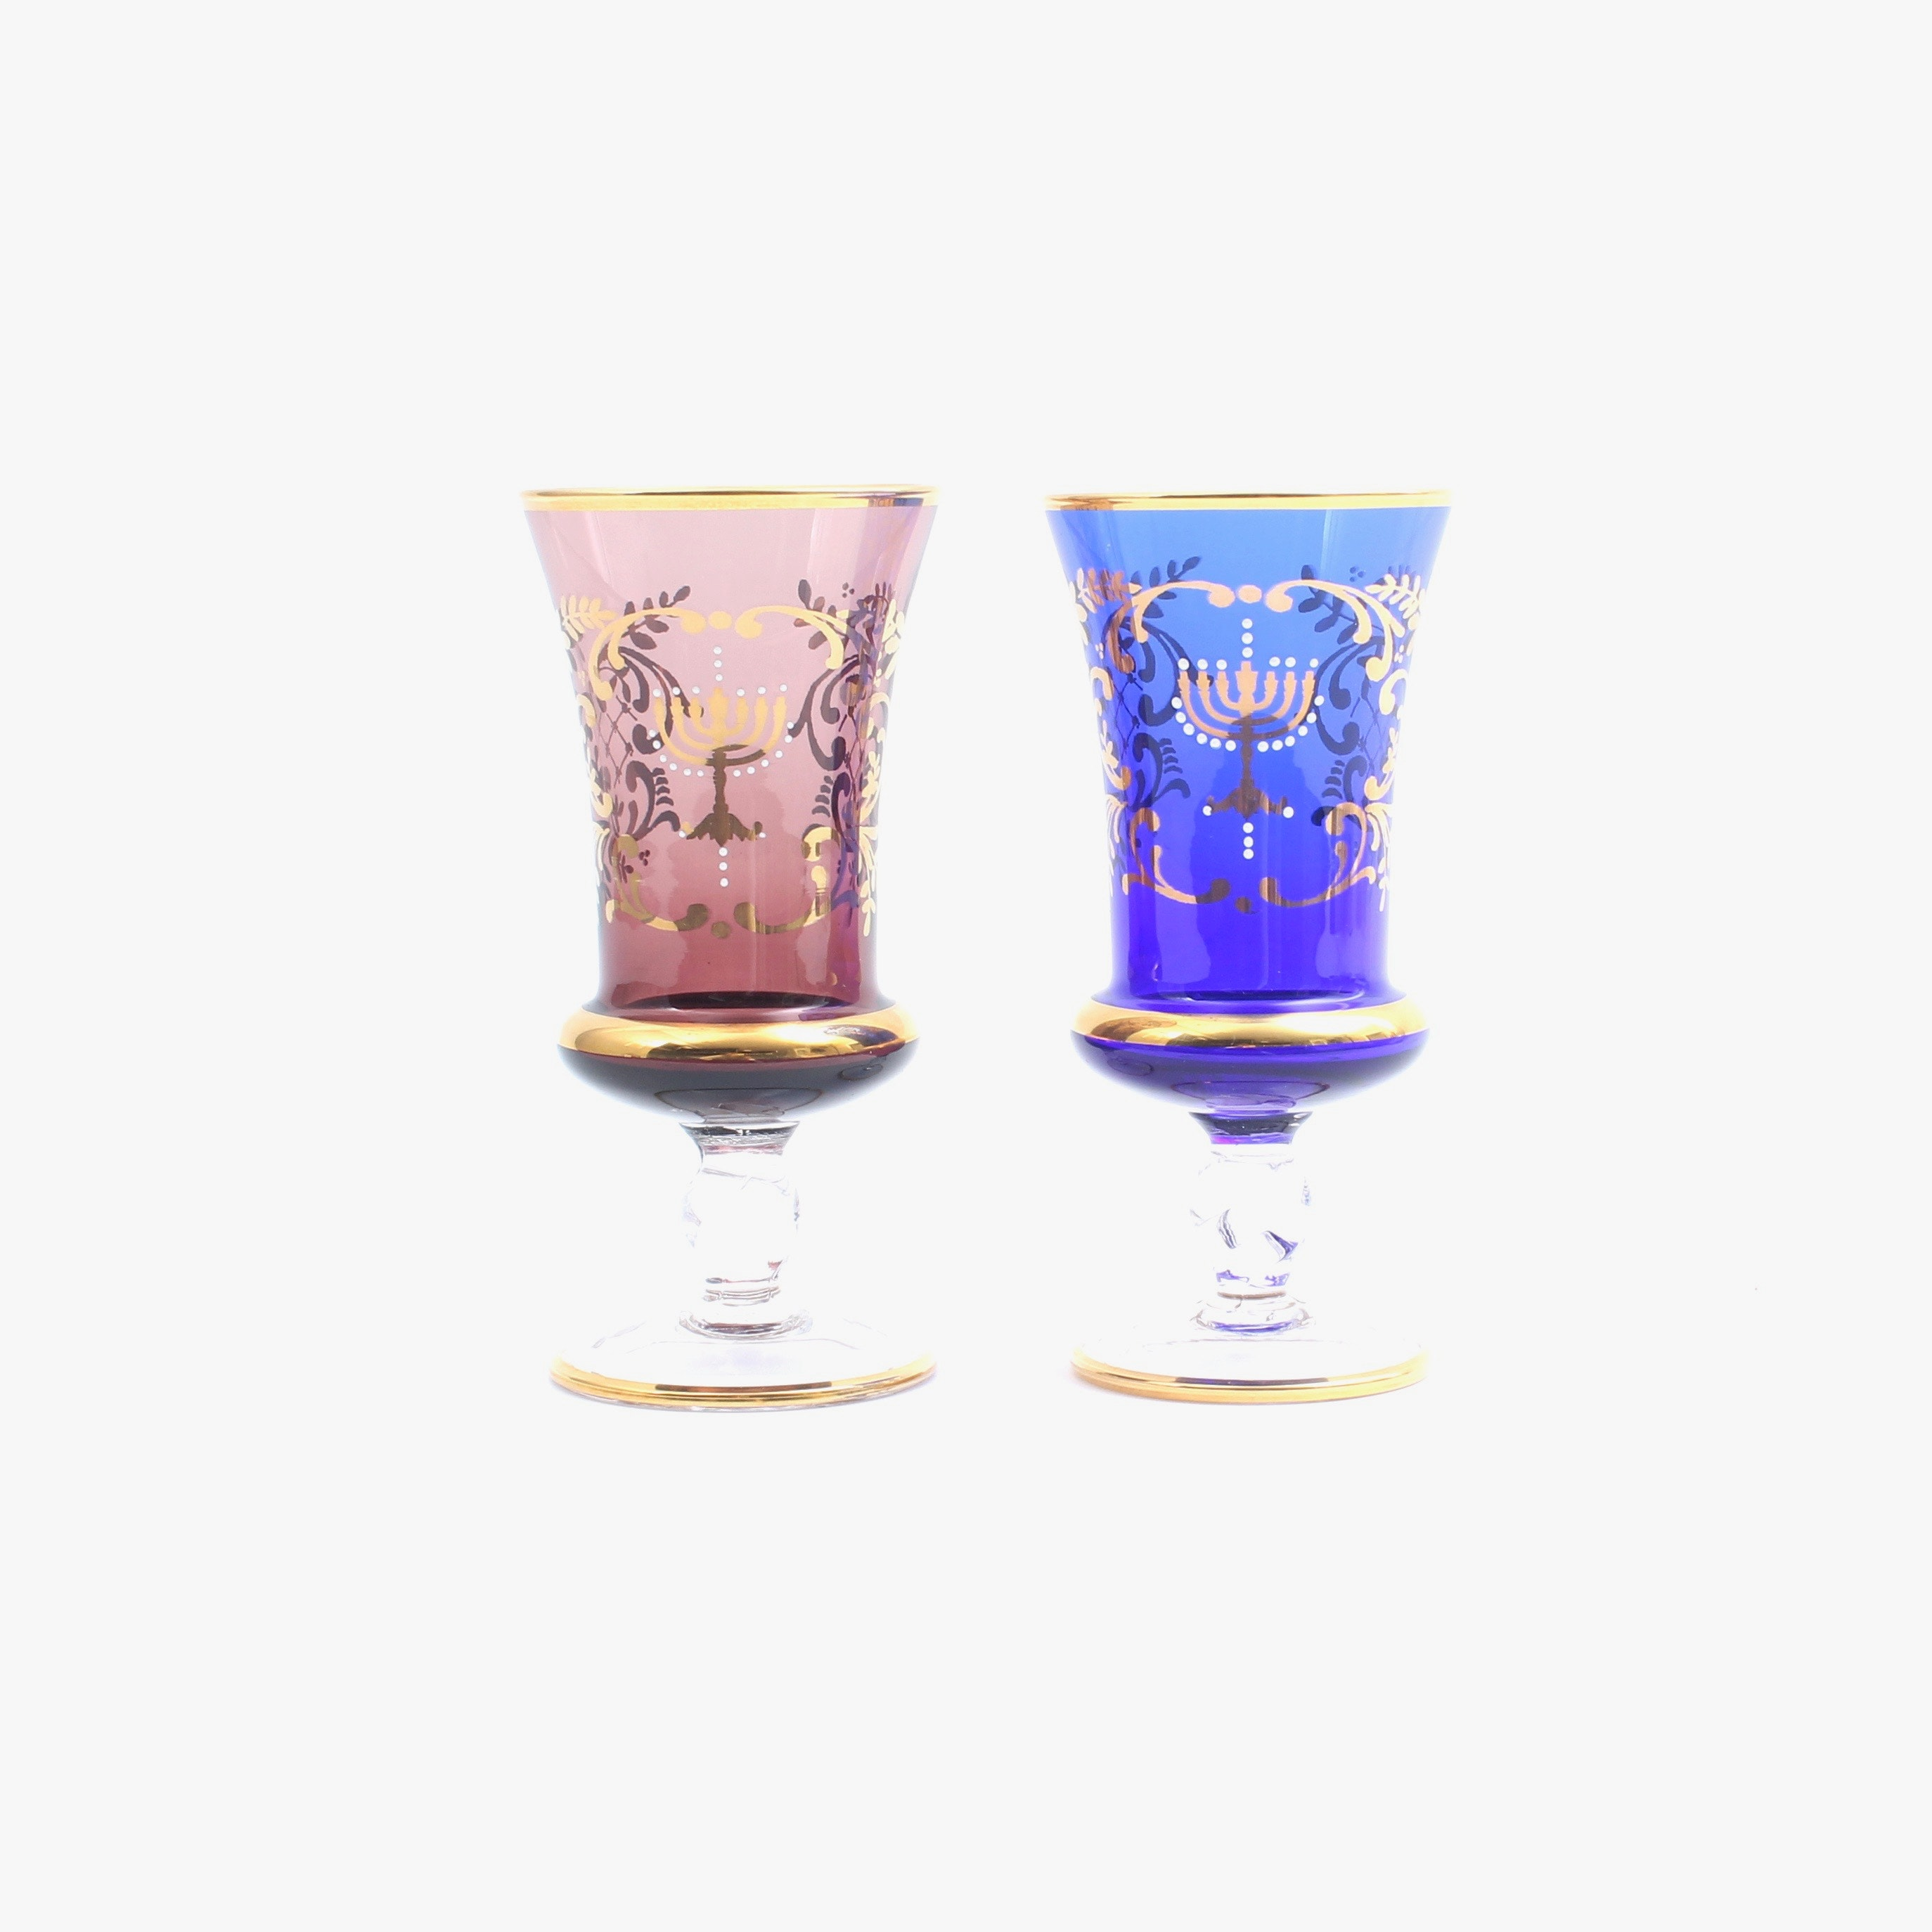 Ferro & Lazzarini Murano Kiddush Cups